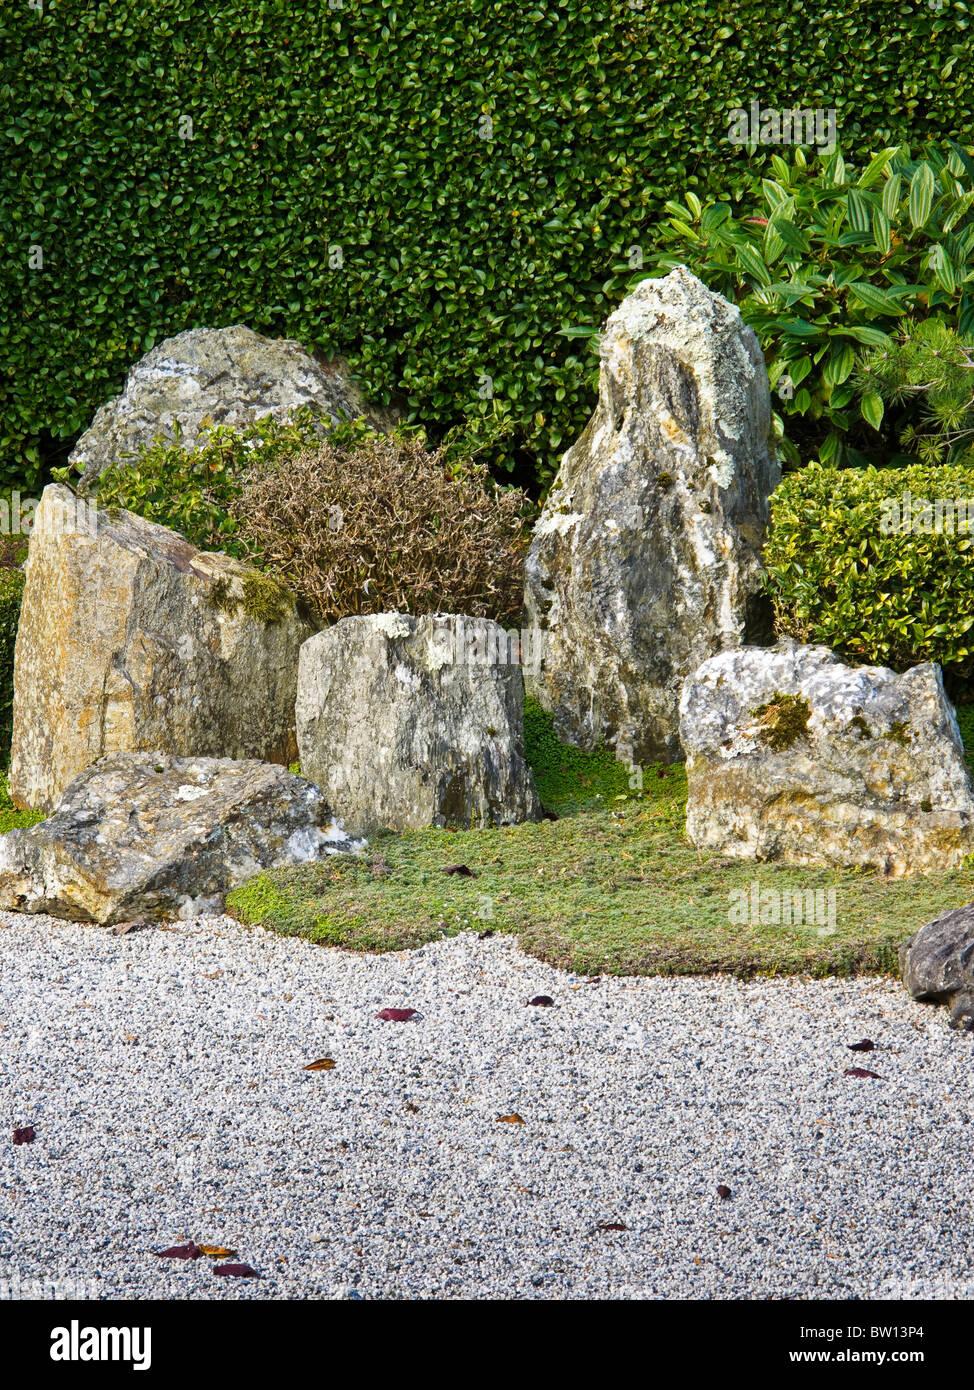 Un angolo di un giardino giapponese che mostra la ghiaia e for Angolo giardino